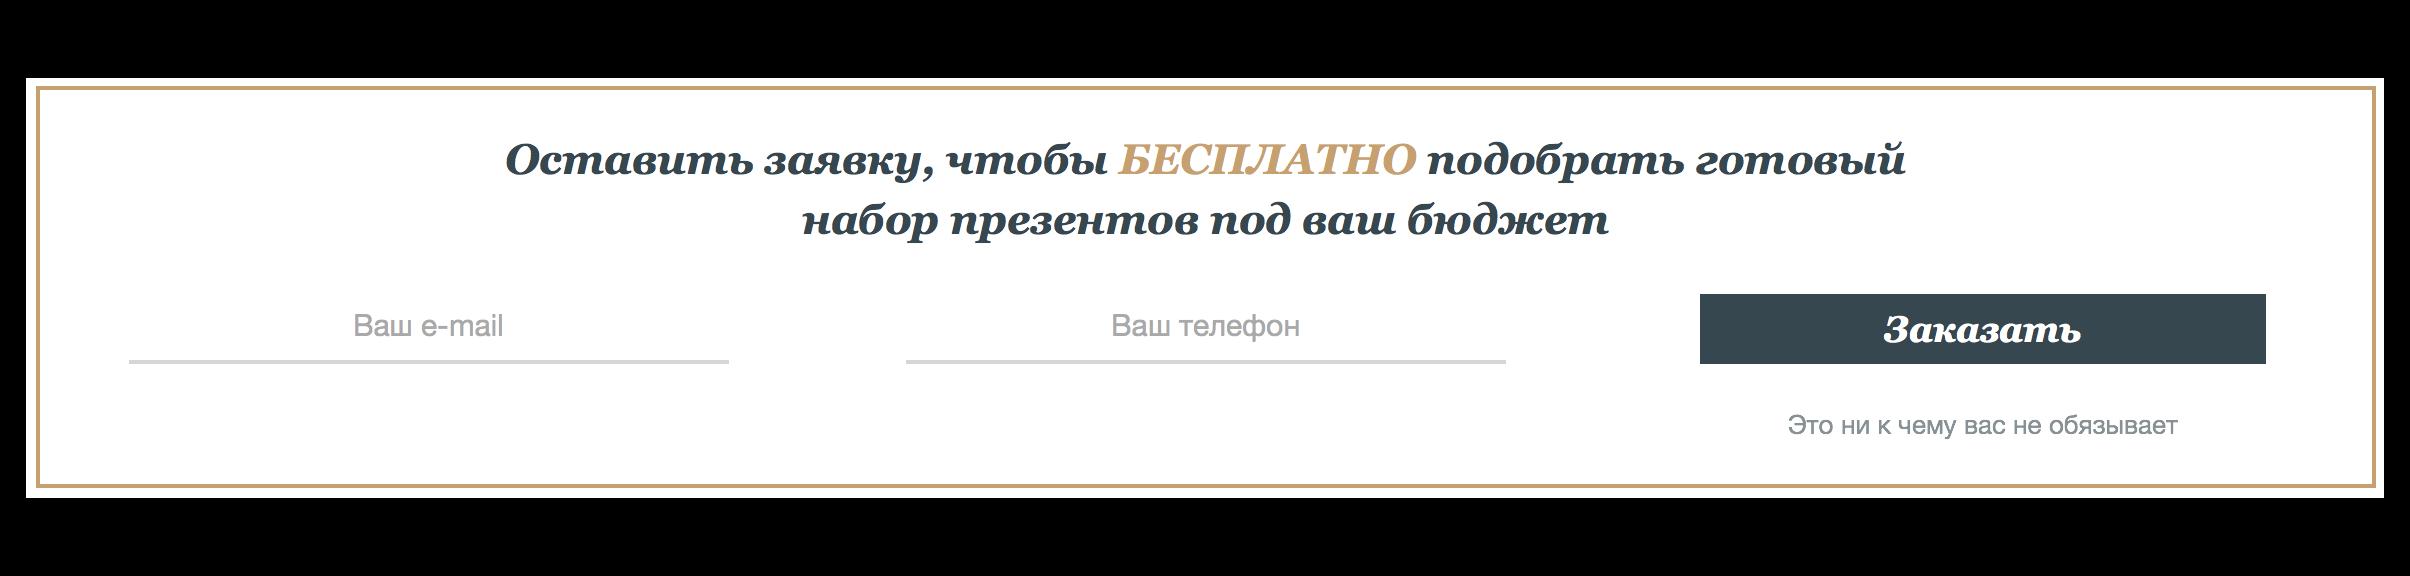 Экспресс-аудит сайтов компании «Конфаэль» 7